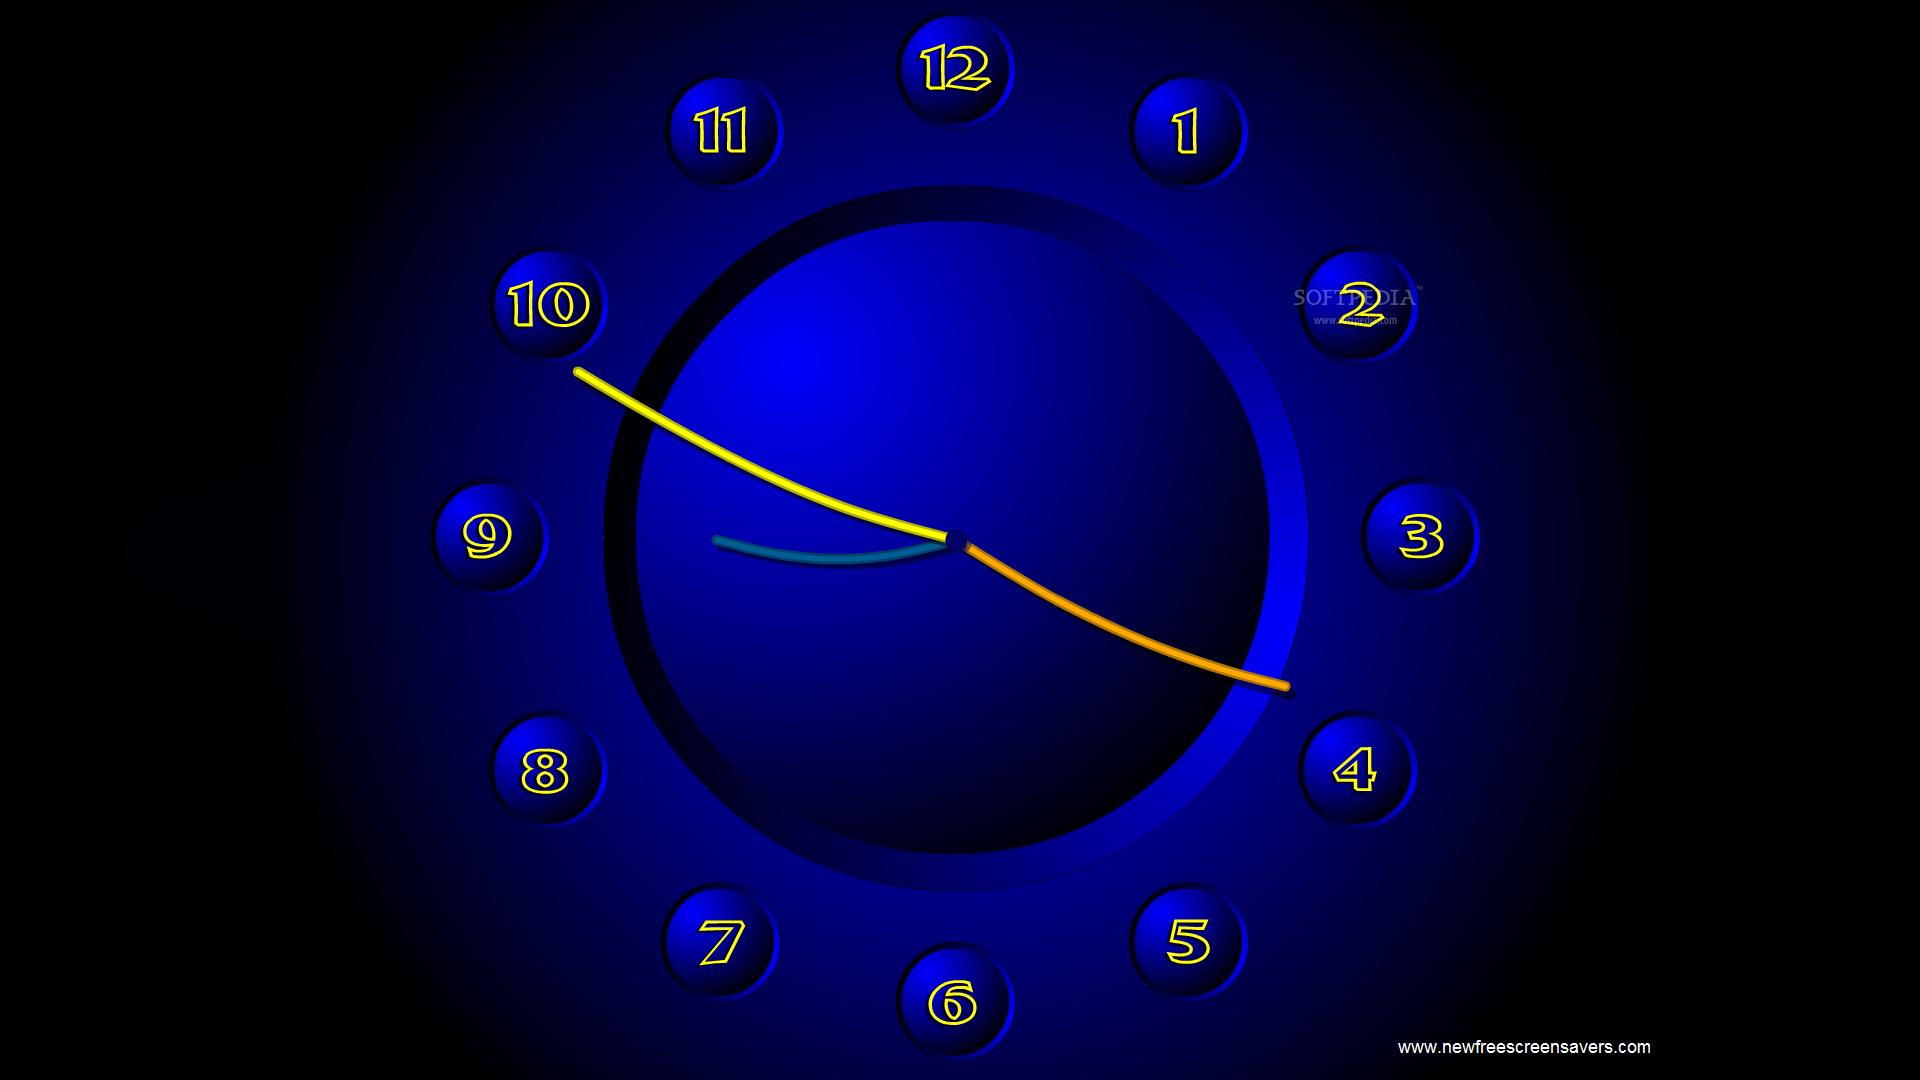 NFS Clock09